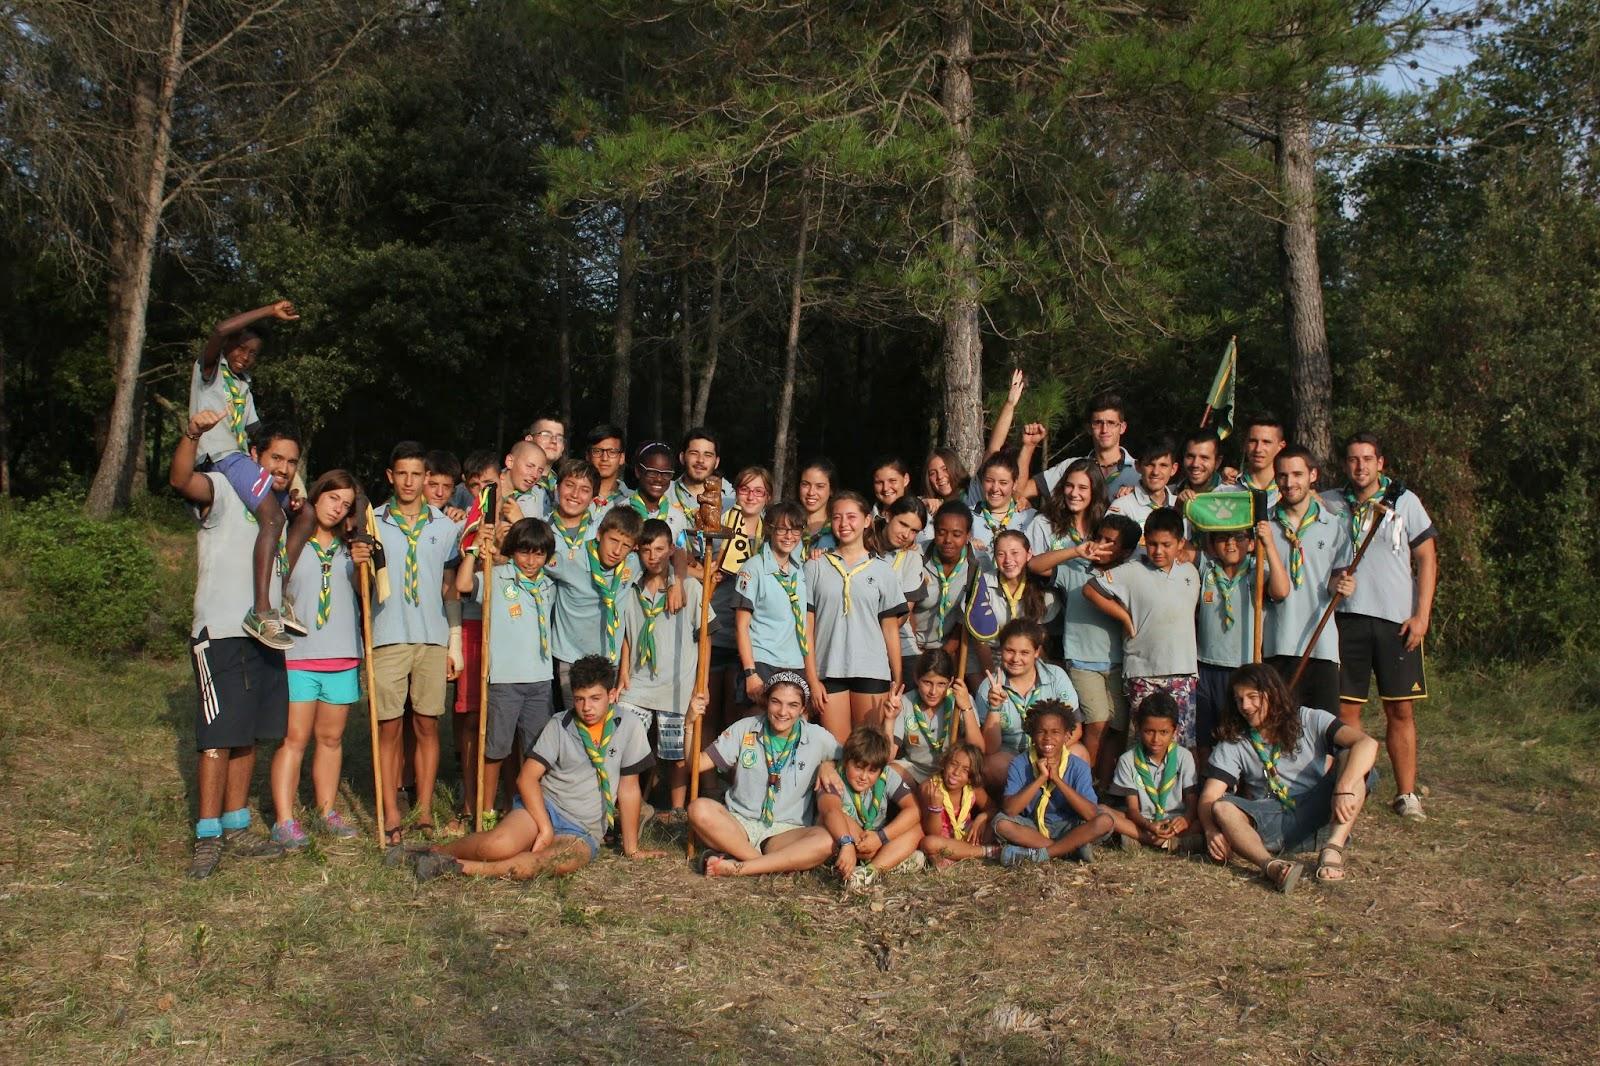 Campaments Estiu Cabanelles 2014 - IMG_0473.JPG